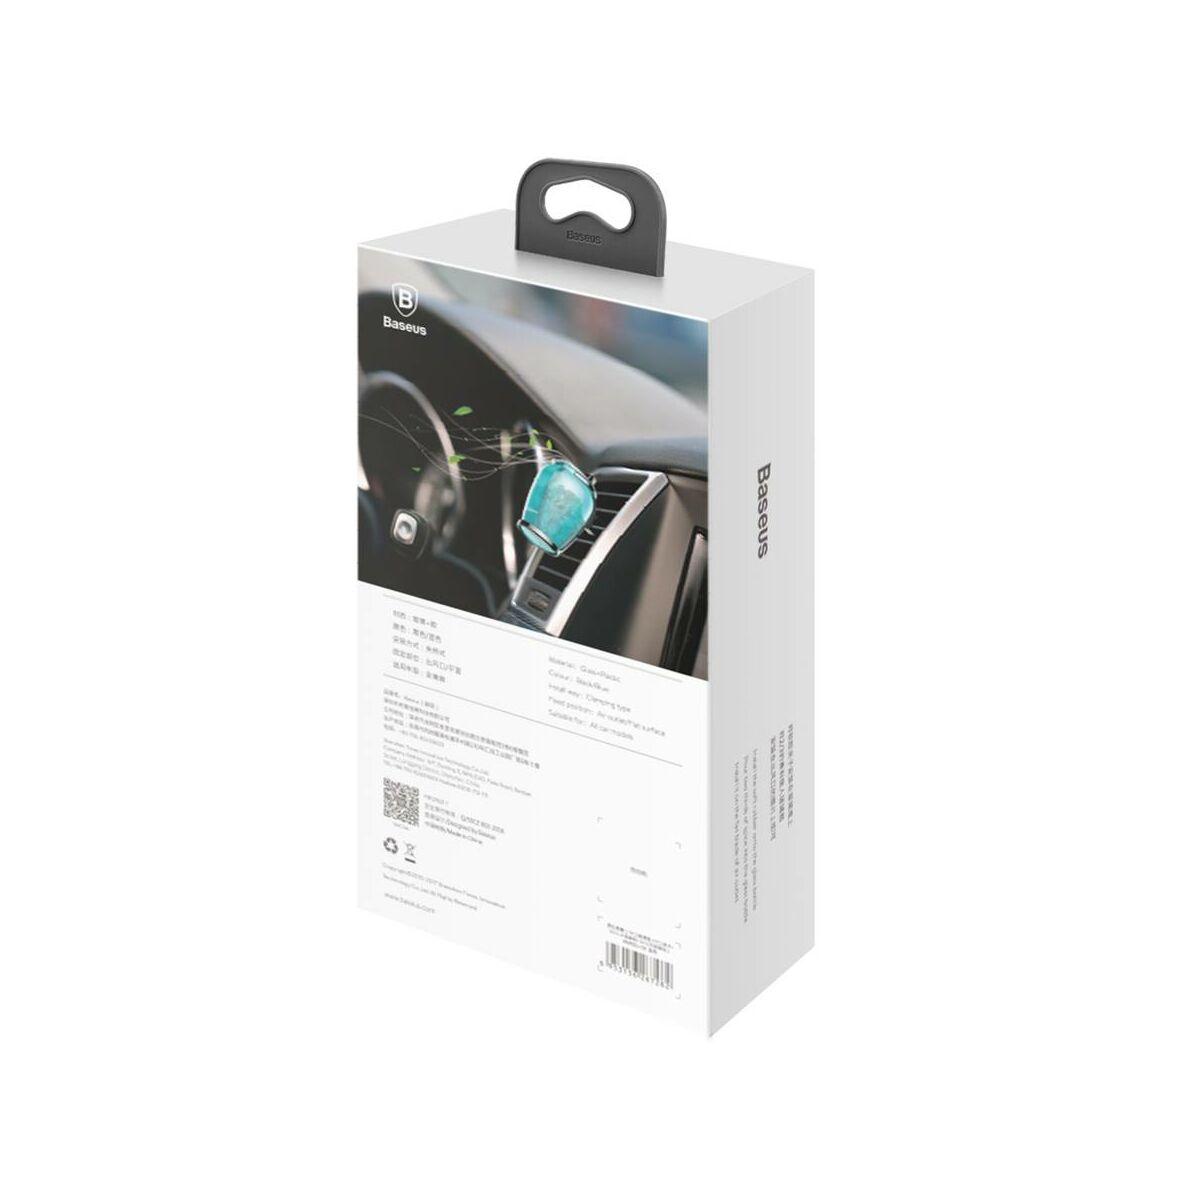 Baseus autós illatosító, Zeolite üveg + csiptető + illatanyag(Sea spice + Angel spice), kék (AMROU-03)